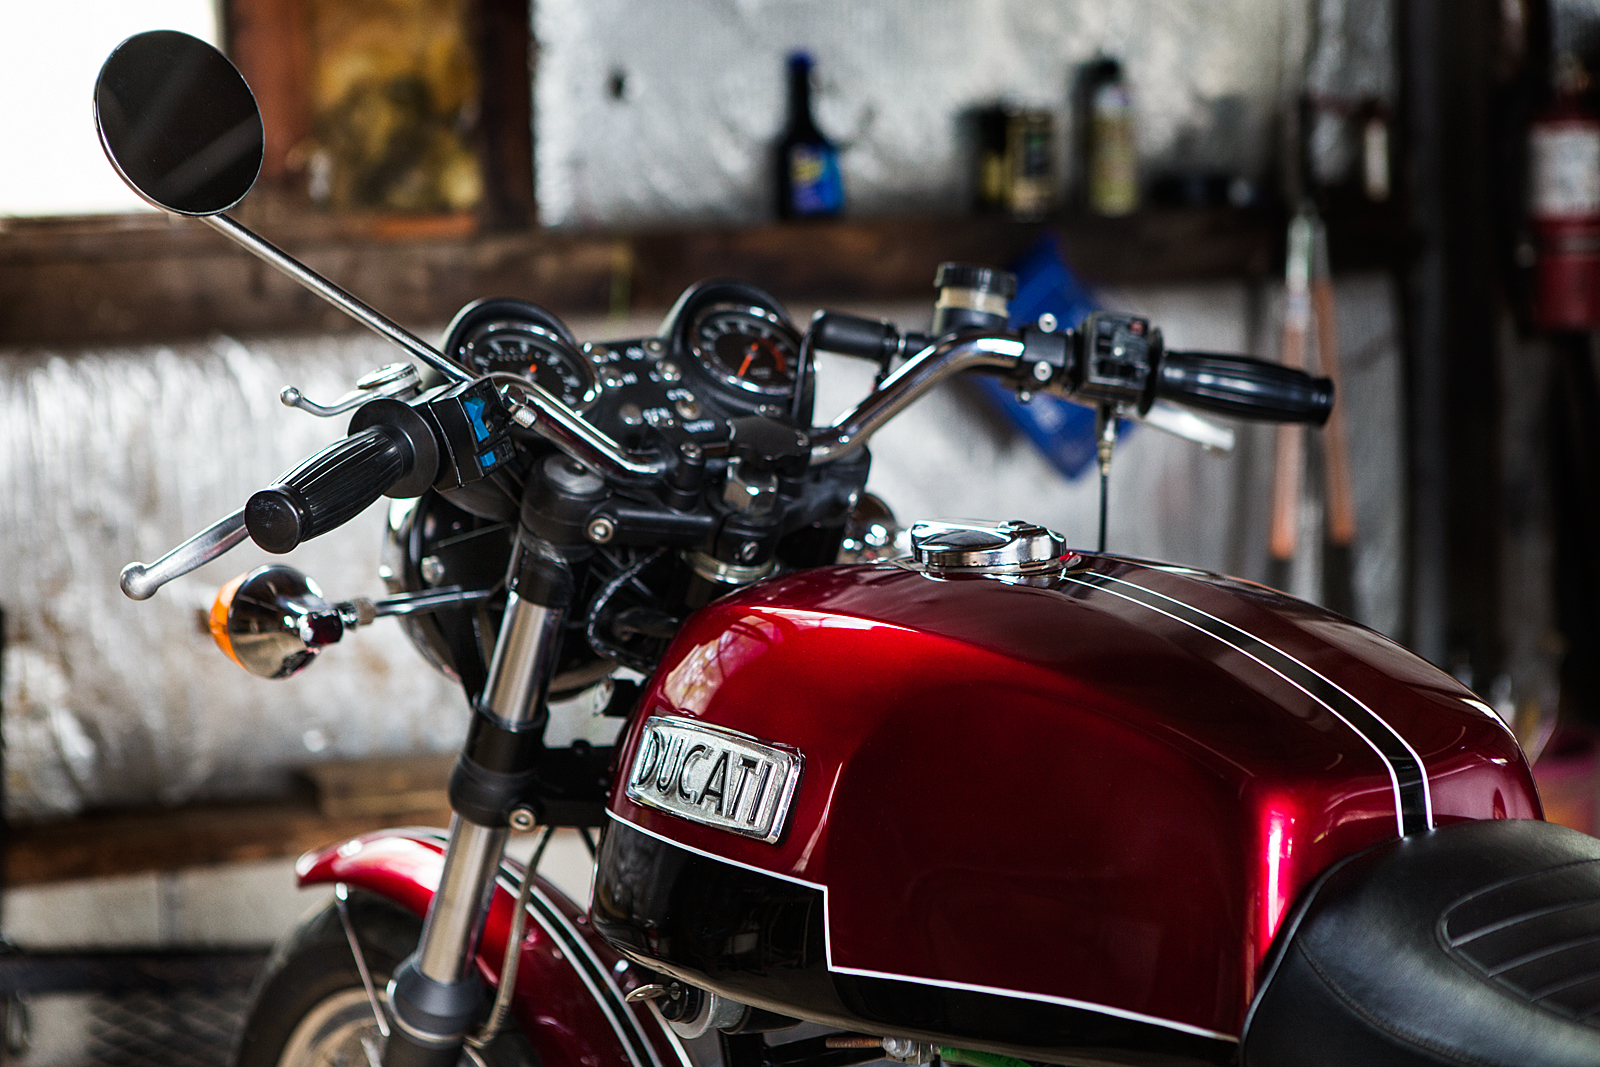 1974 Ducati 750 GT pinstripe